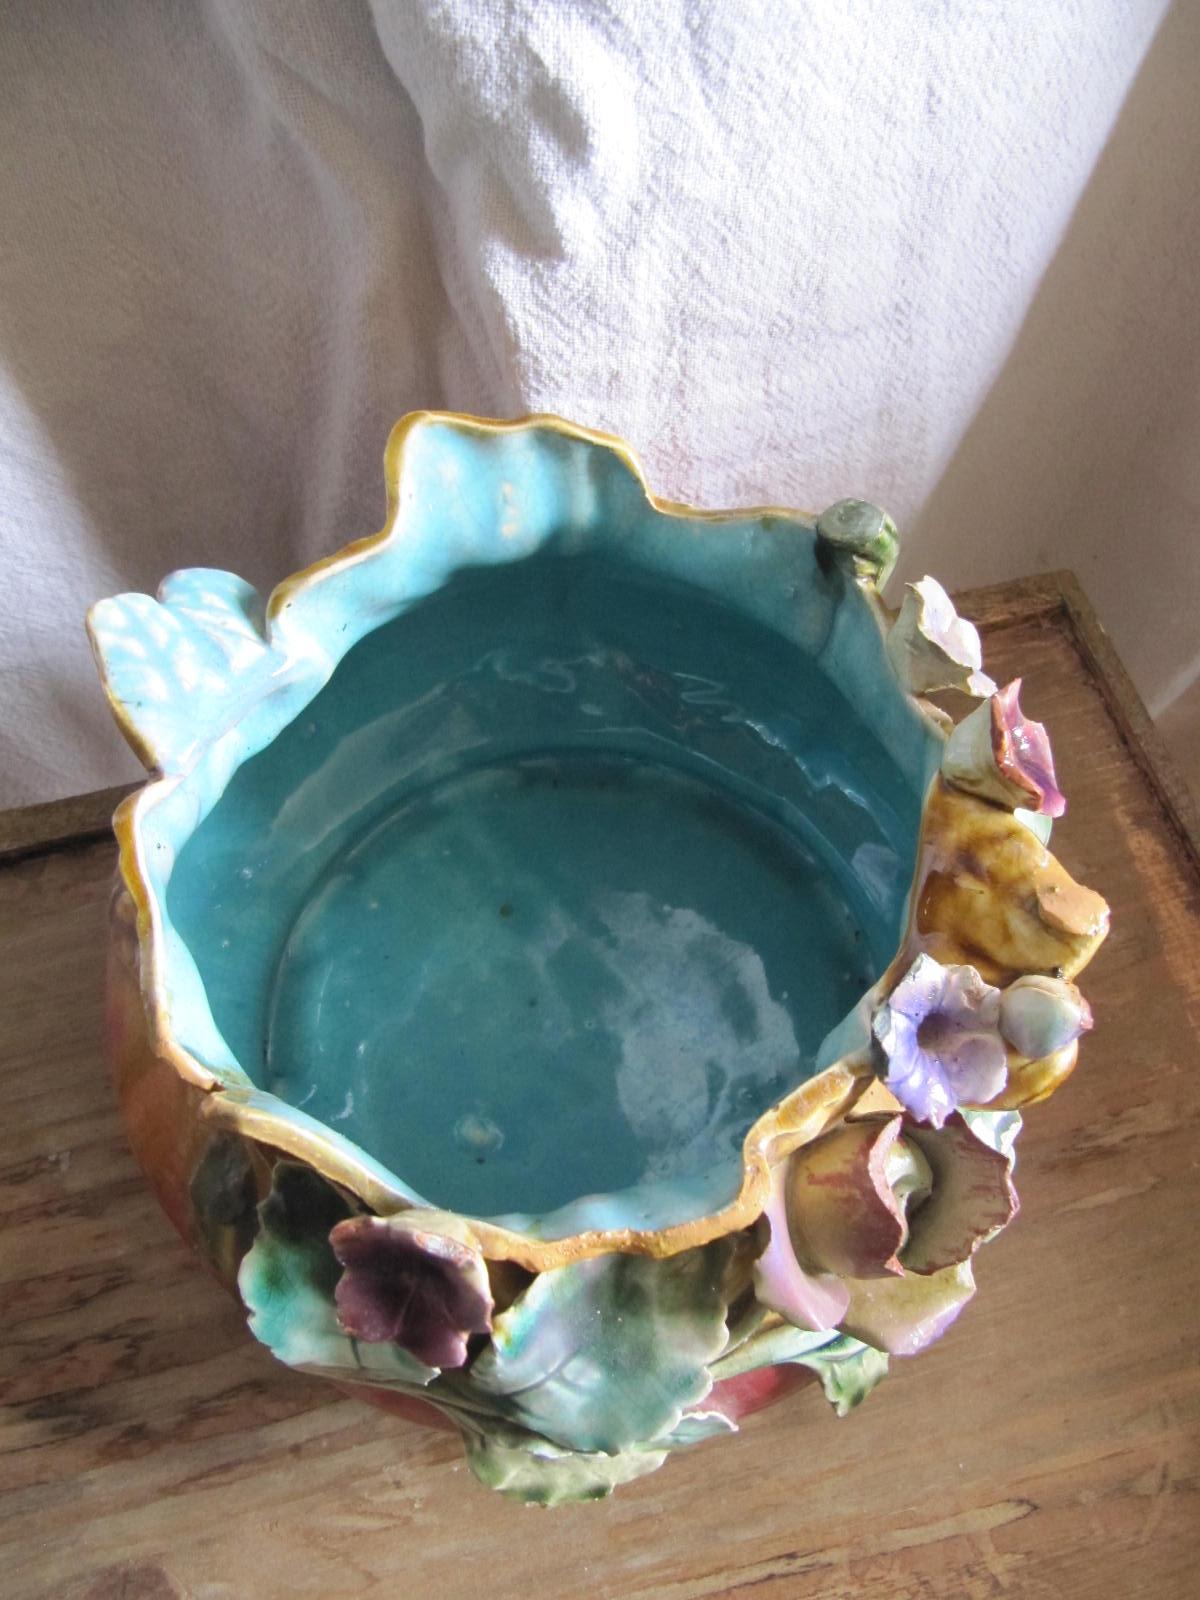 vendre cache pot en barbotine d cor de feuillages fleurs mes collections ordo ab chao. Black Bedroom Furniture Sets. Home Design Ideas